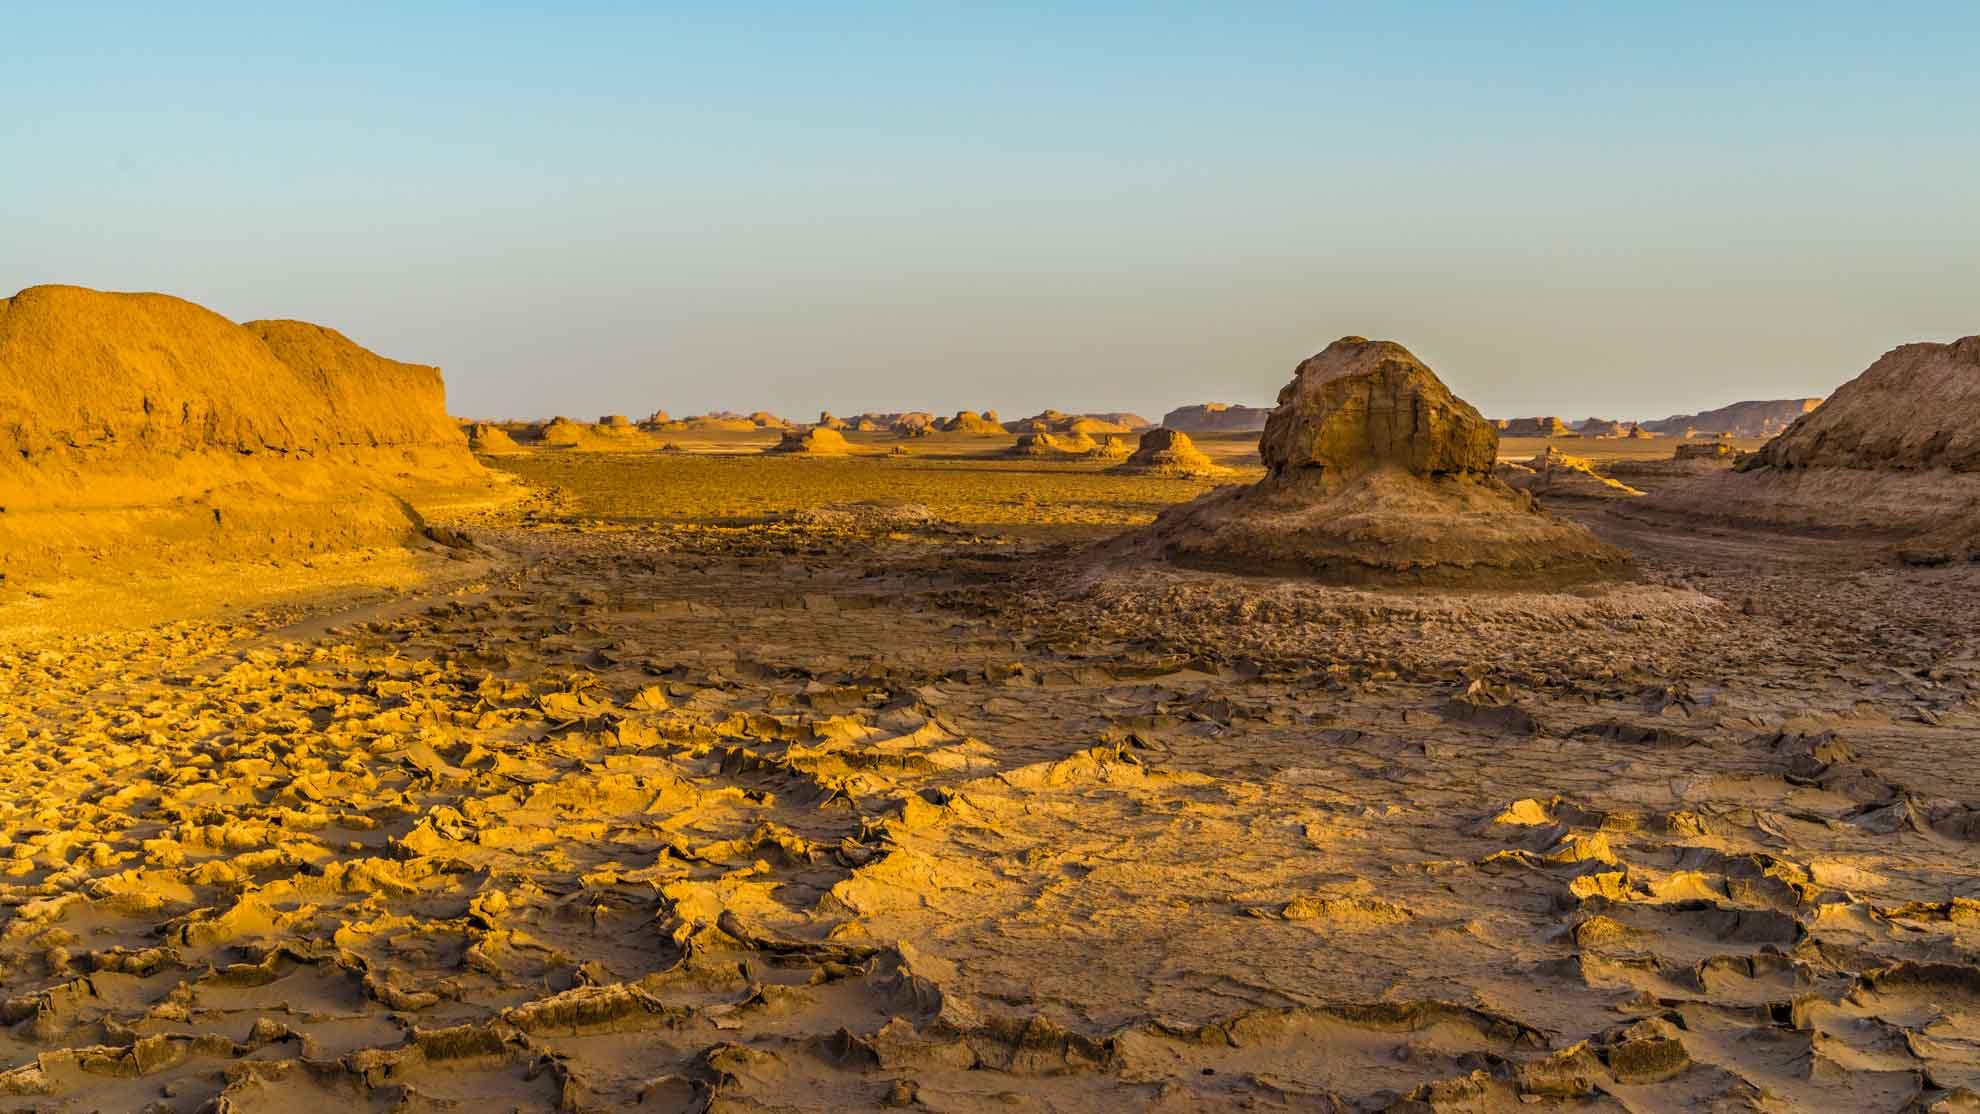 Kaluts desert landscape, kerman, iran, pescart, photo blog, travel blog, blog, photo travel blog, enrico pescantini, pescantini